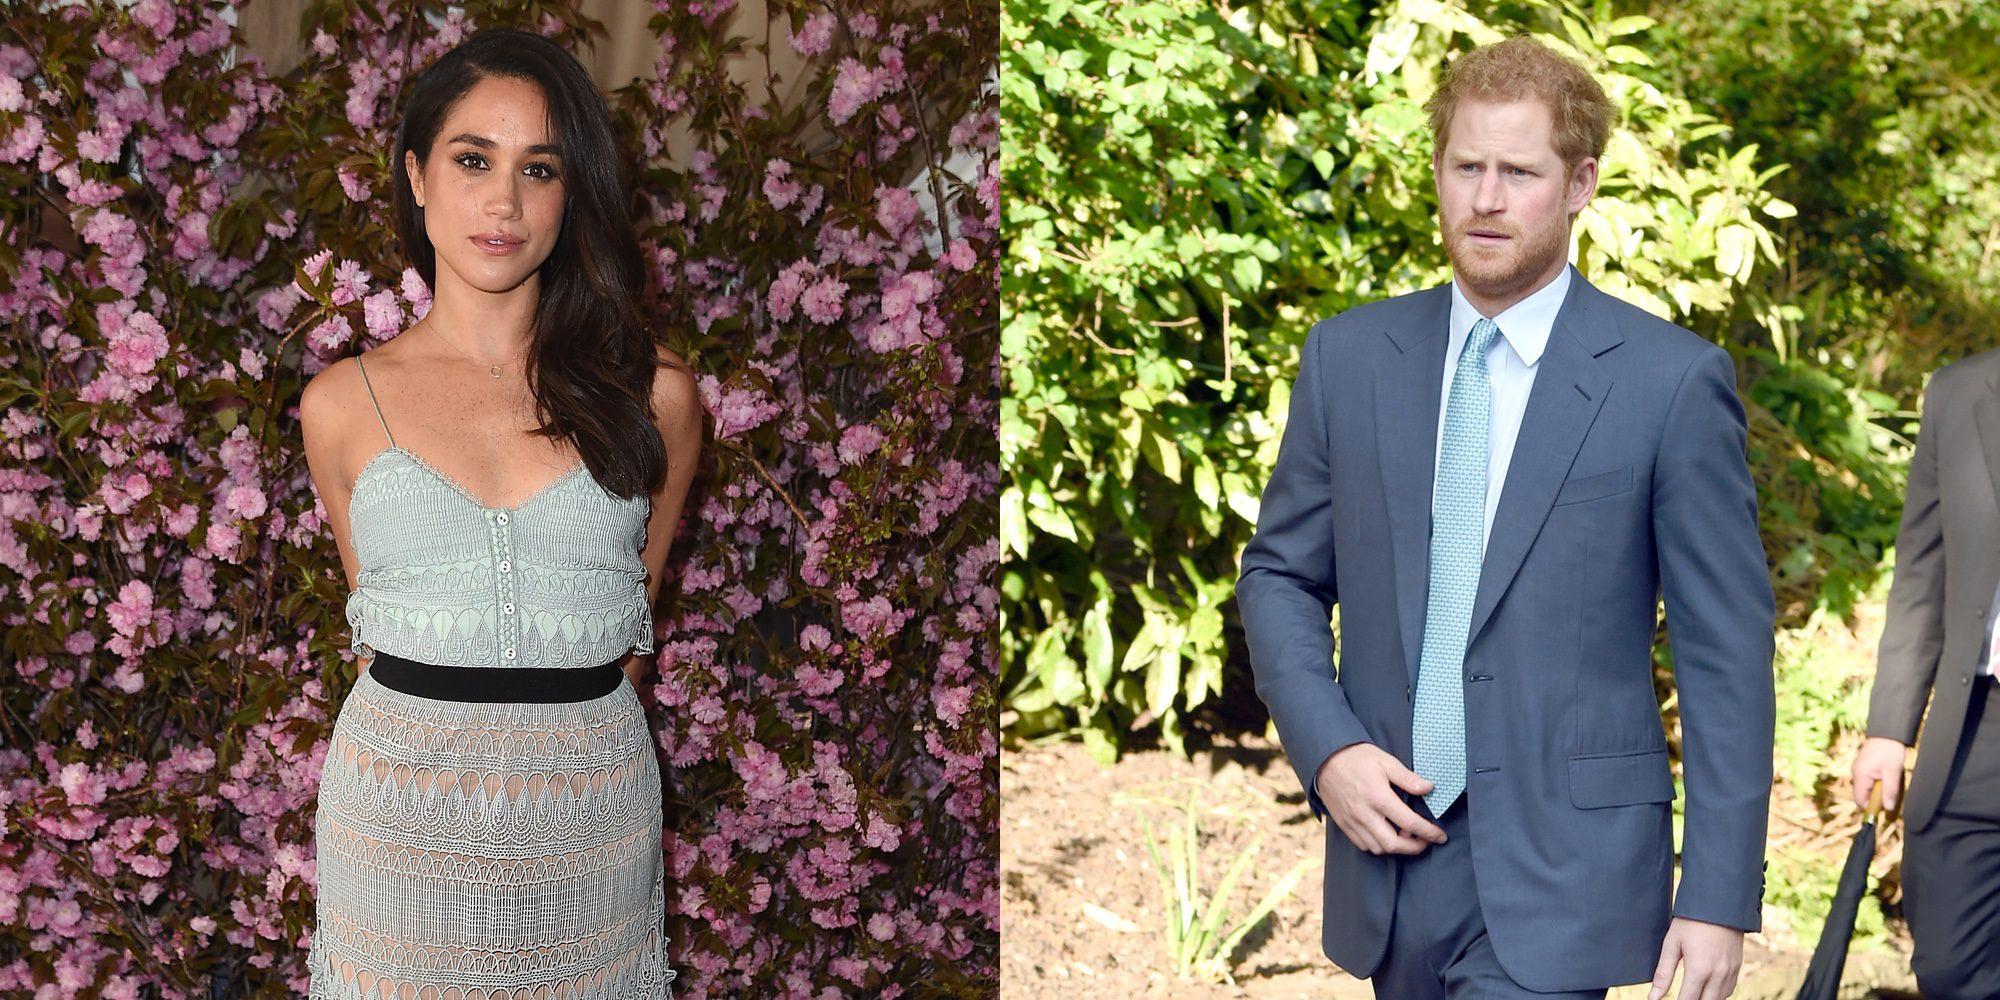 El Príncipe Harry estaría saliendo con la actriz Meghan Markle ('Suits') desde hace 5 meses